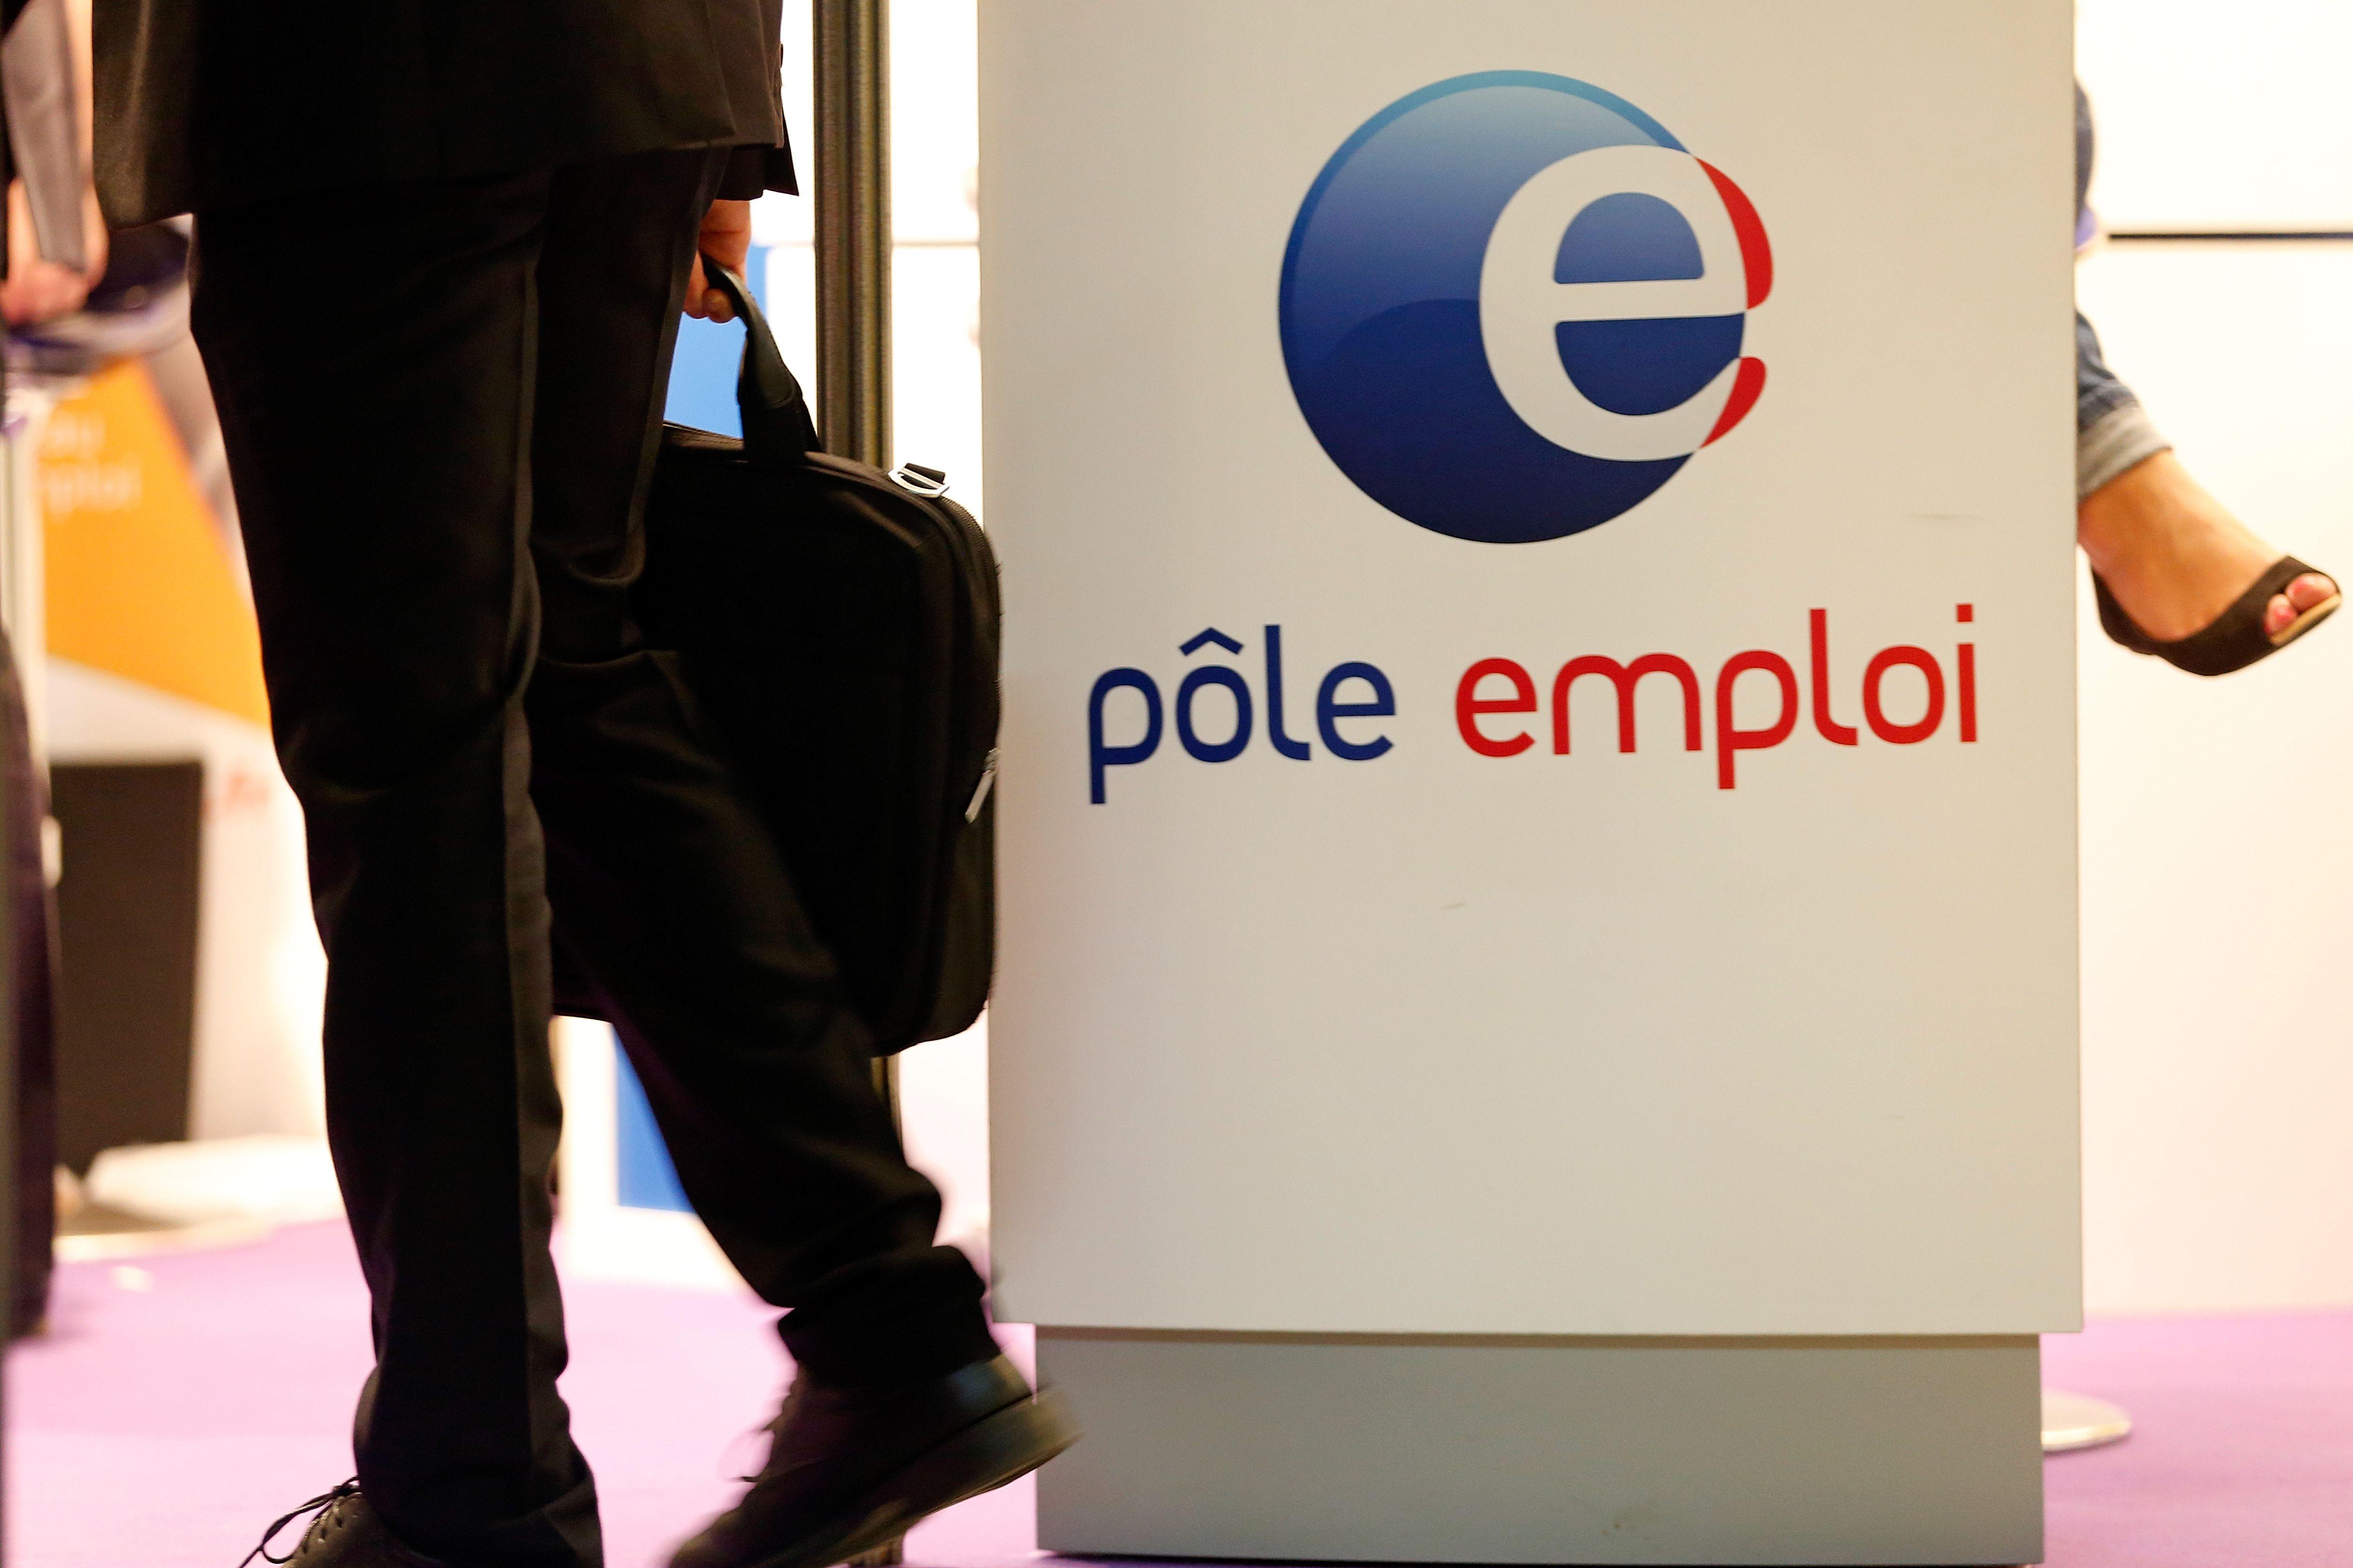 """Chômage : les chiffres de septembre dévoilés, Xavier Bertrand propose """"une opération 'proche emploi'"""""""